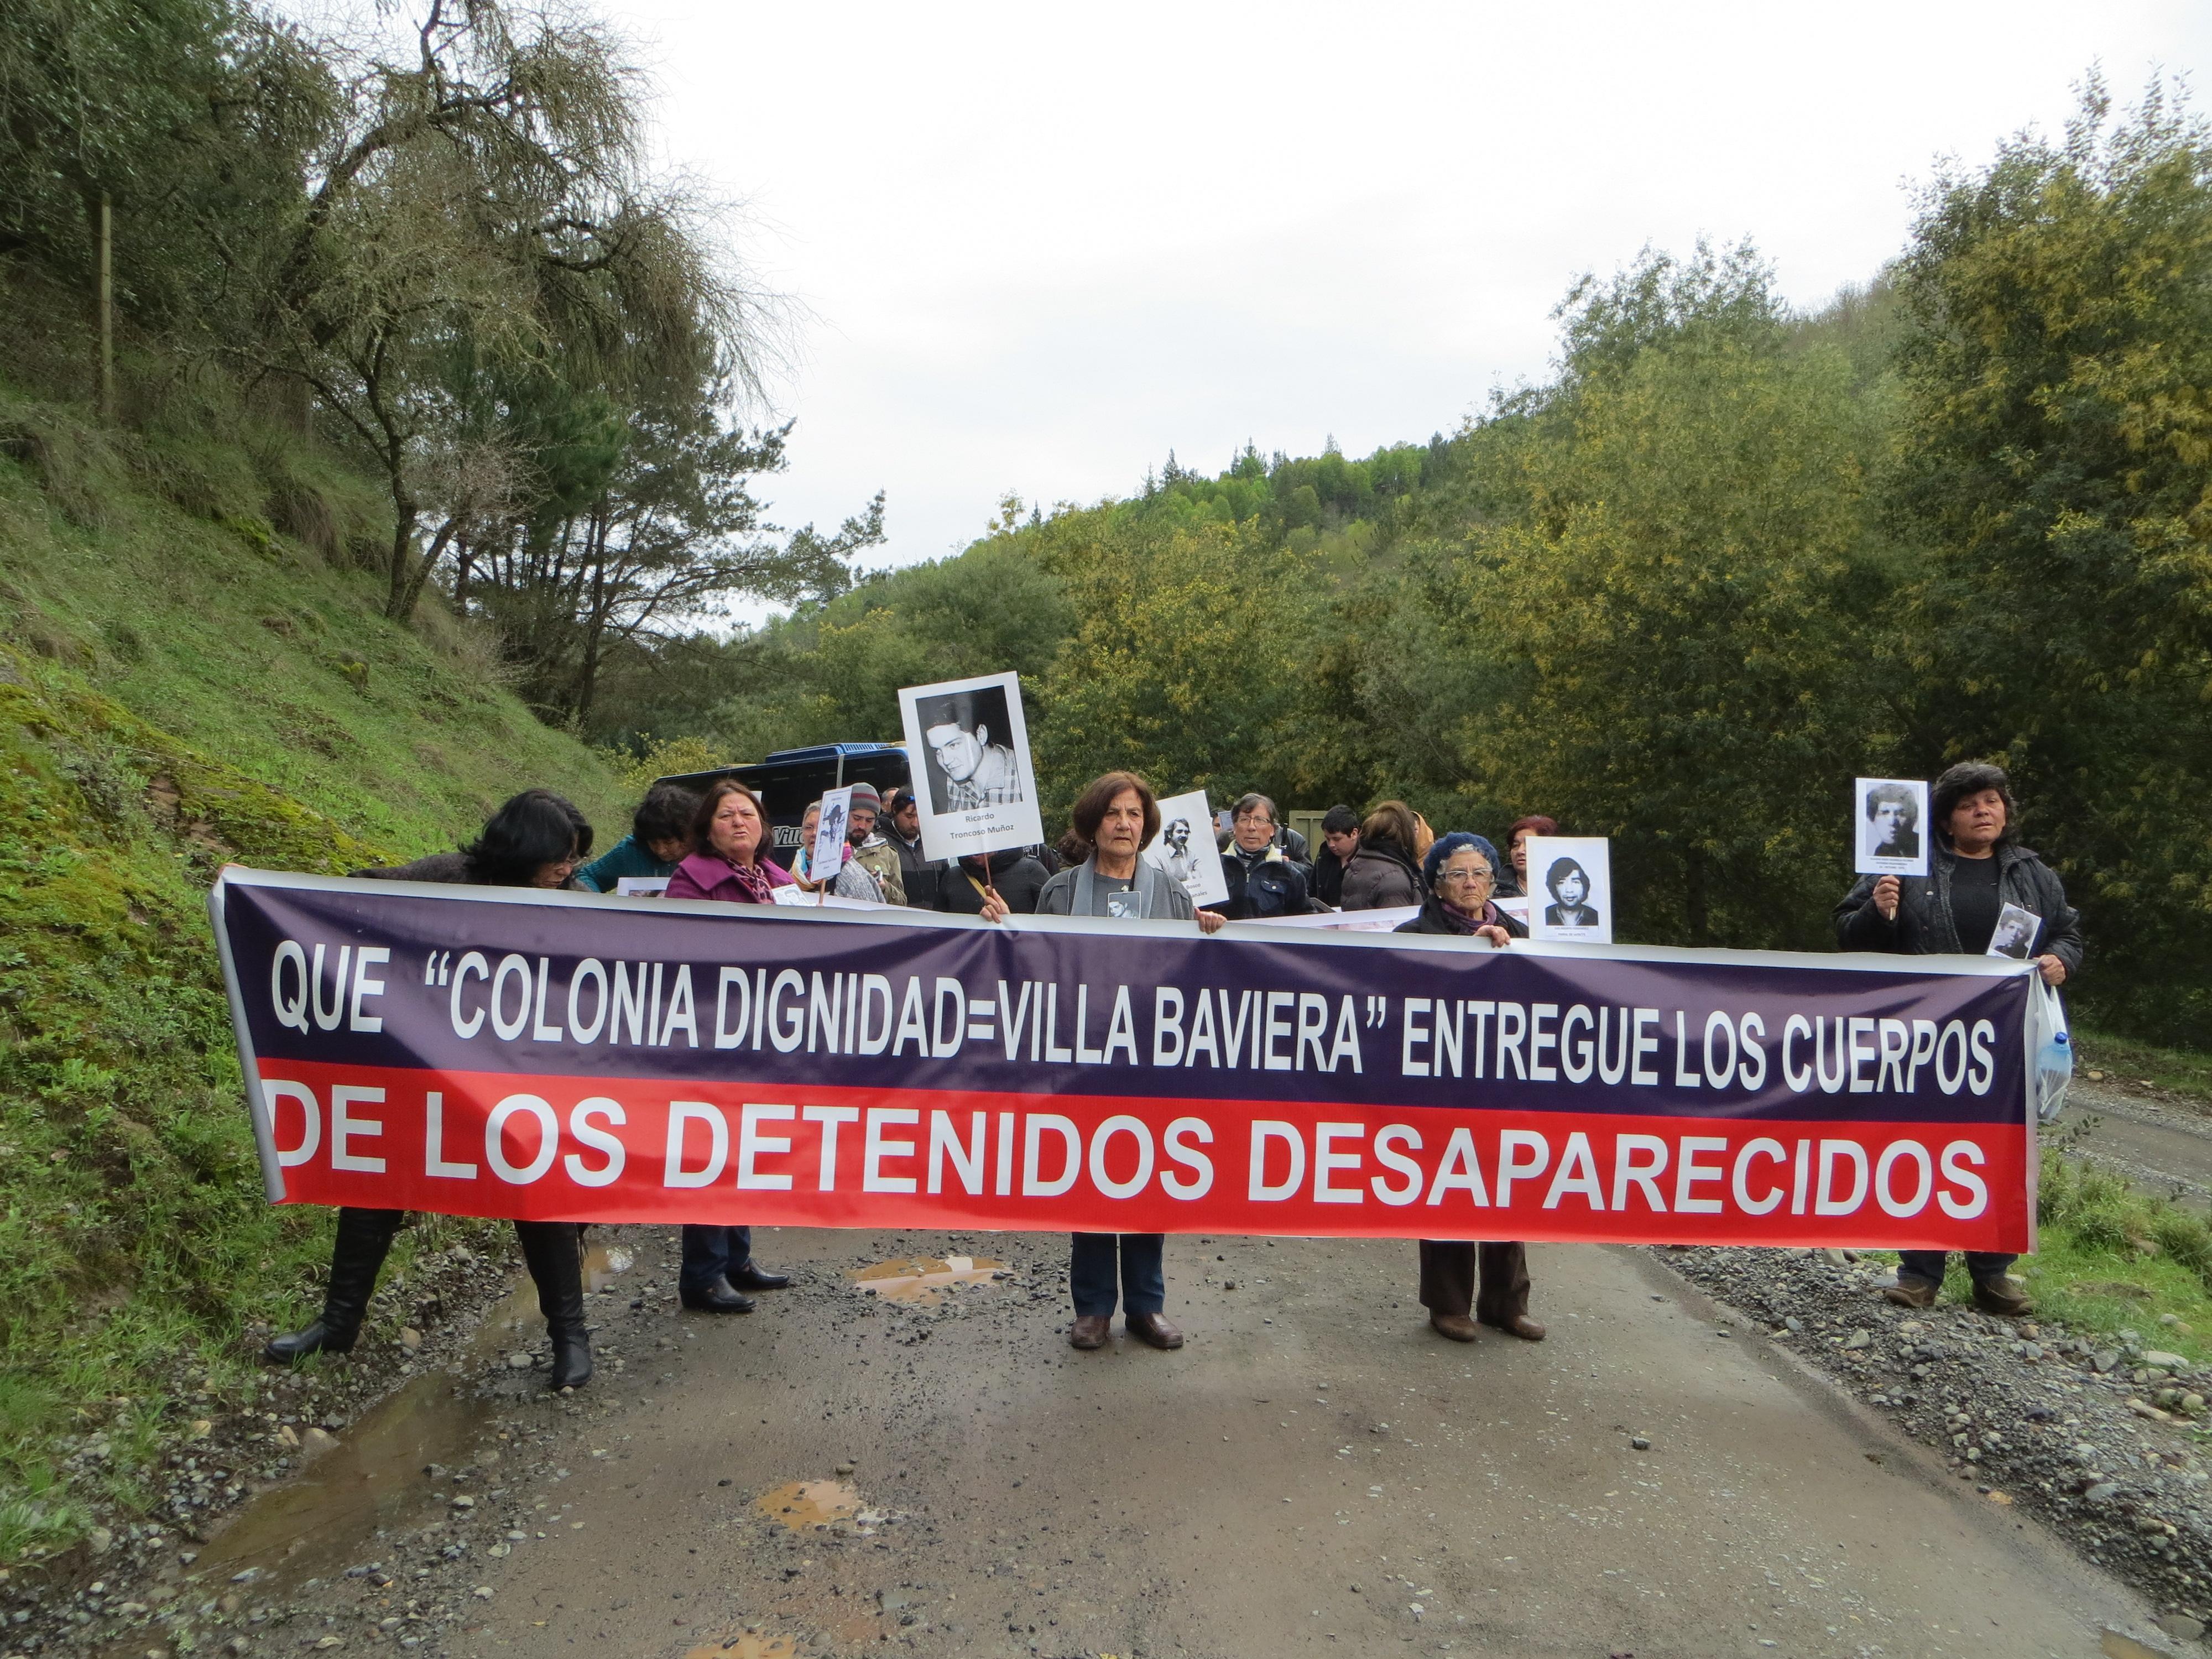 Photo demonstration: Colonia Dignidad=Villa Baviera